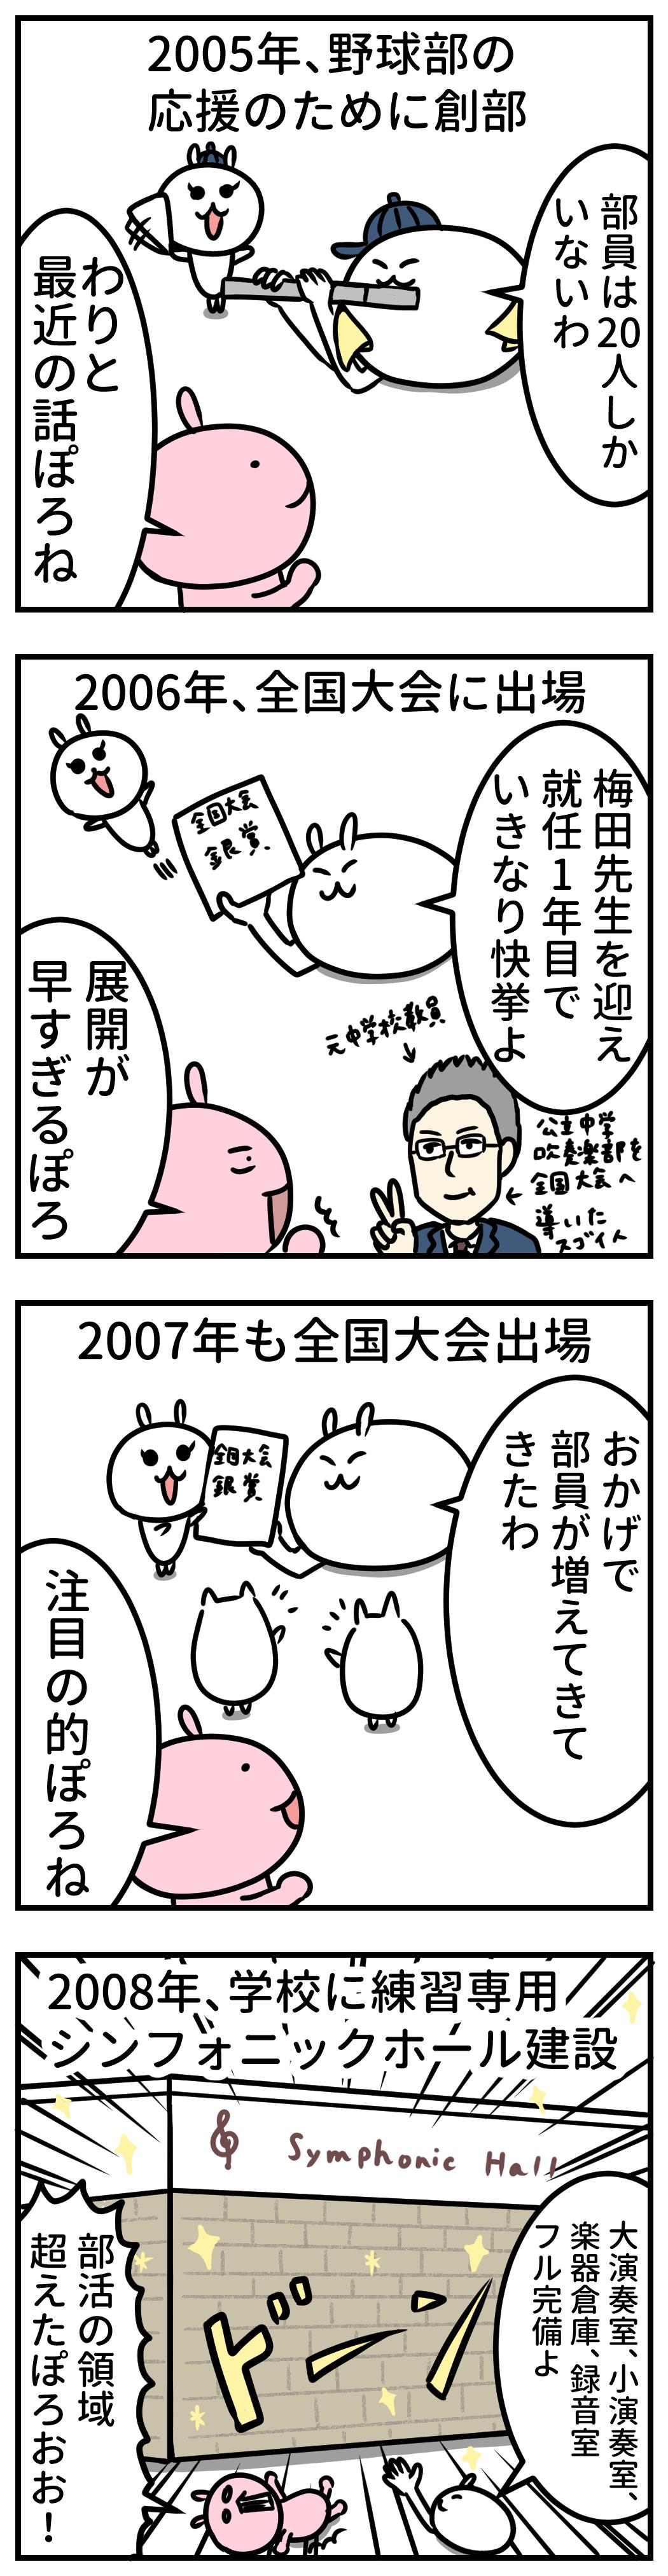 大阪桐蔭高校 吹奏楽部